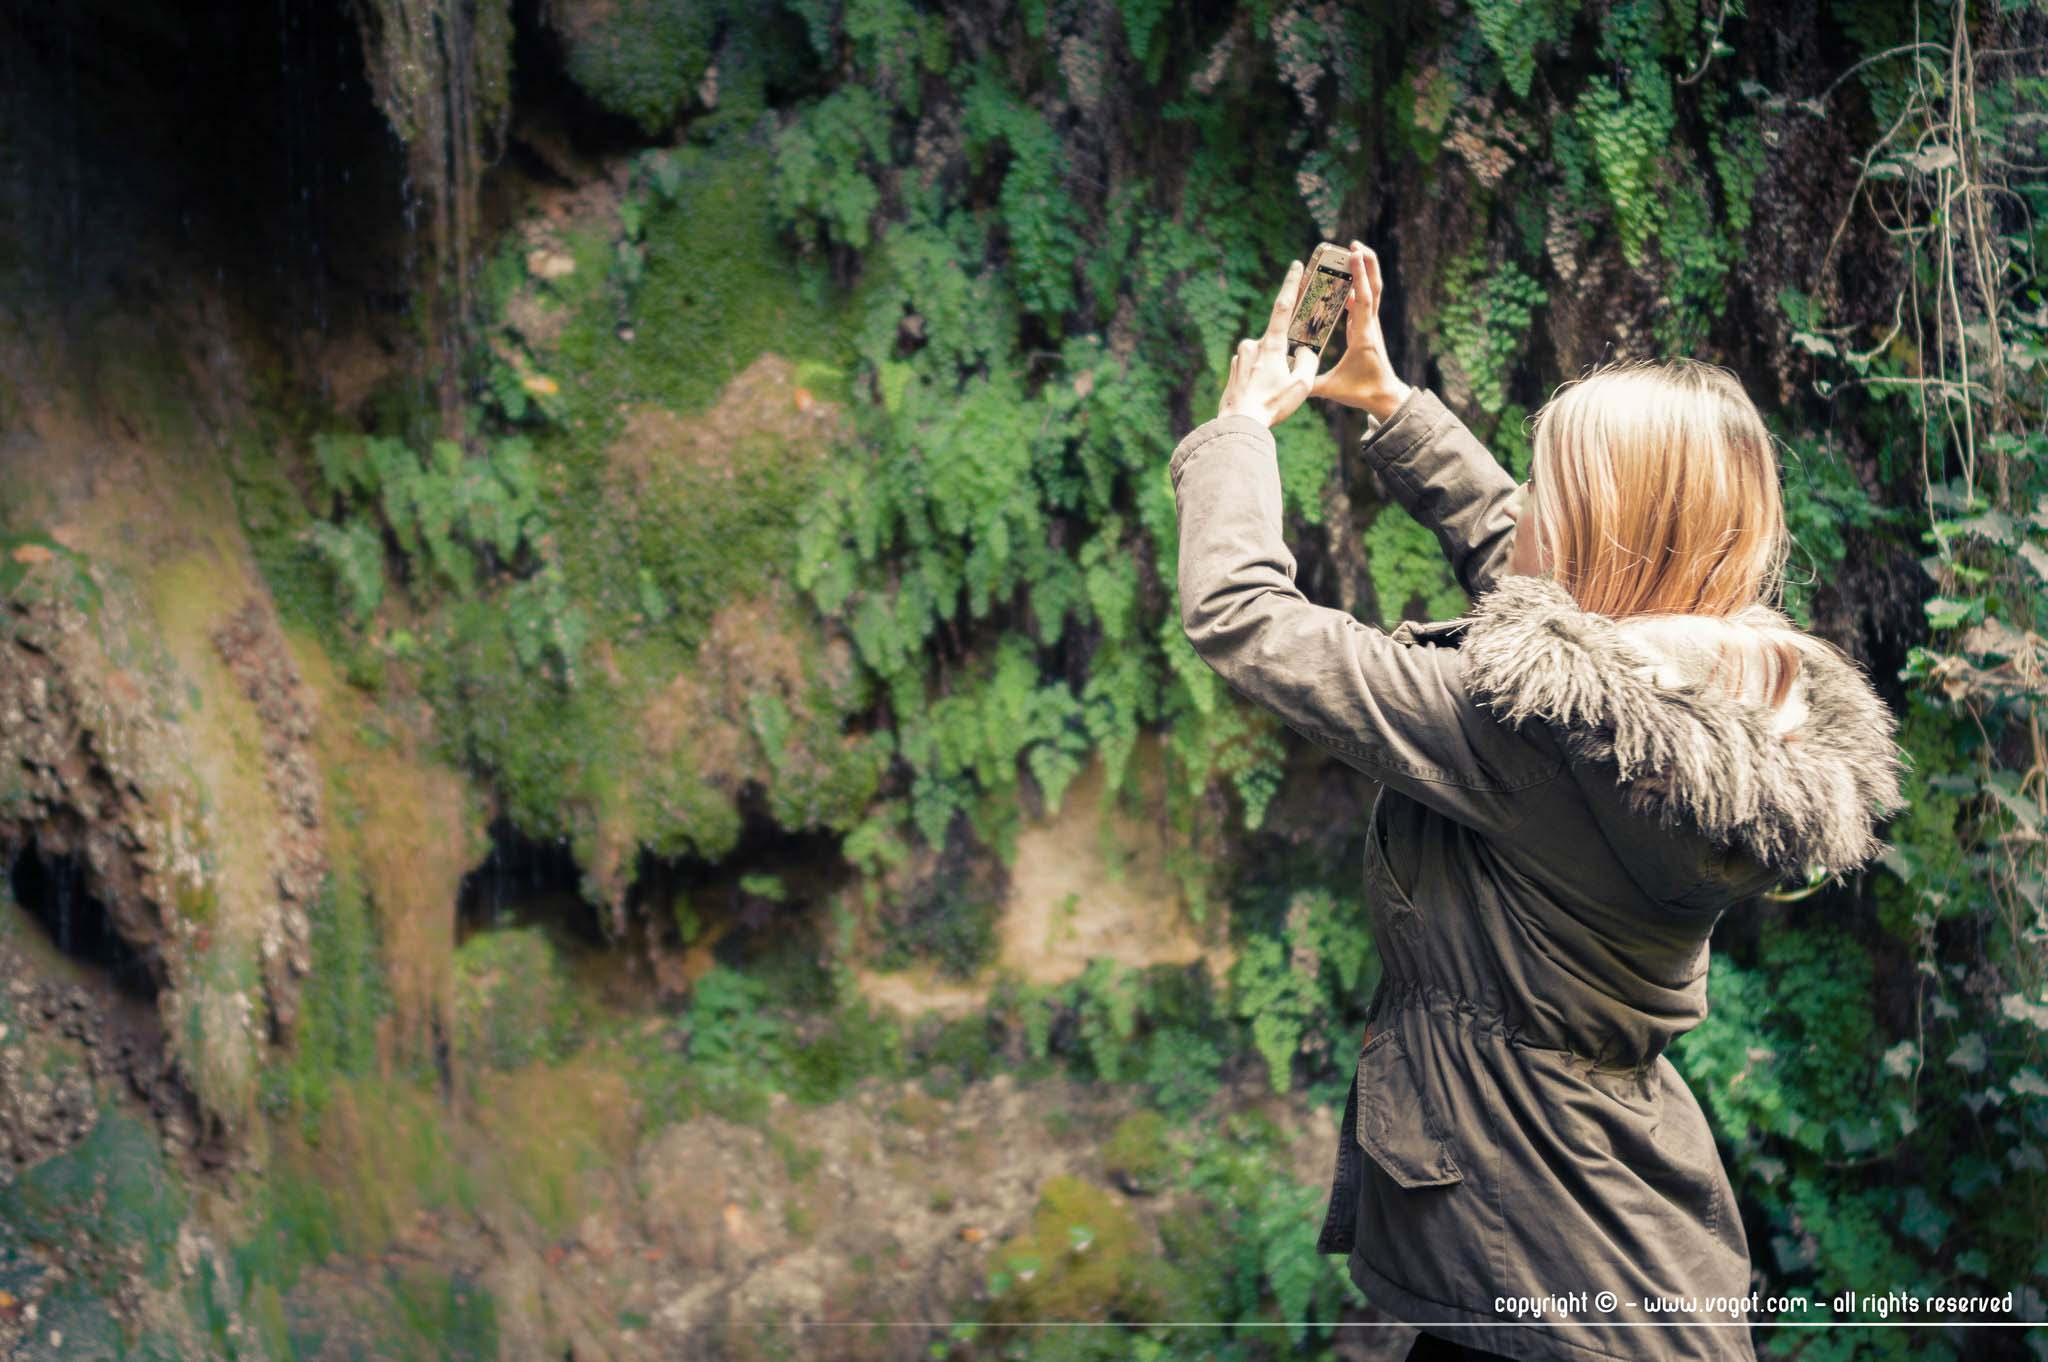 Vallon obscur du Donareo - Chloé immortalise cette nature